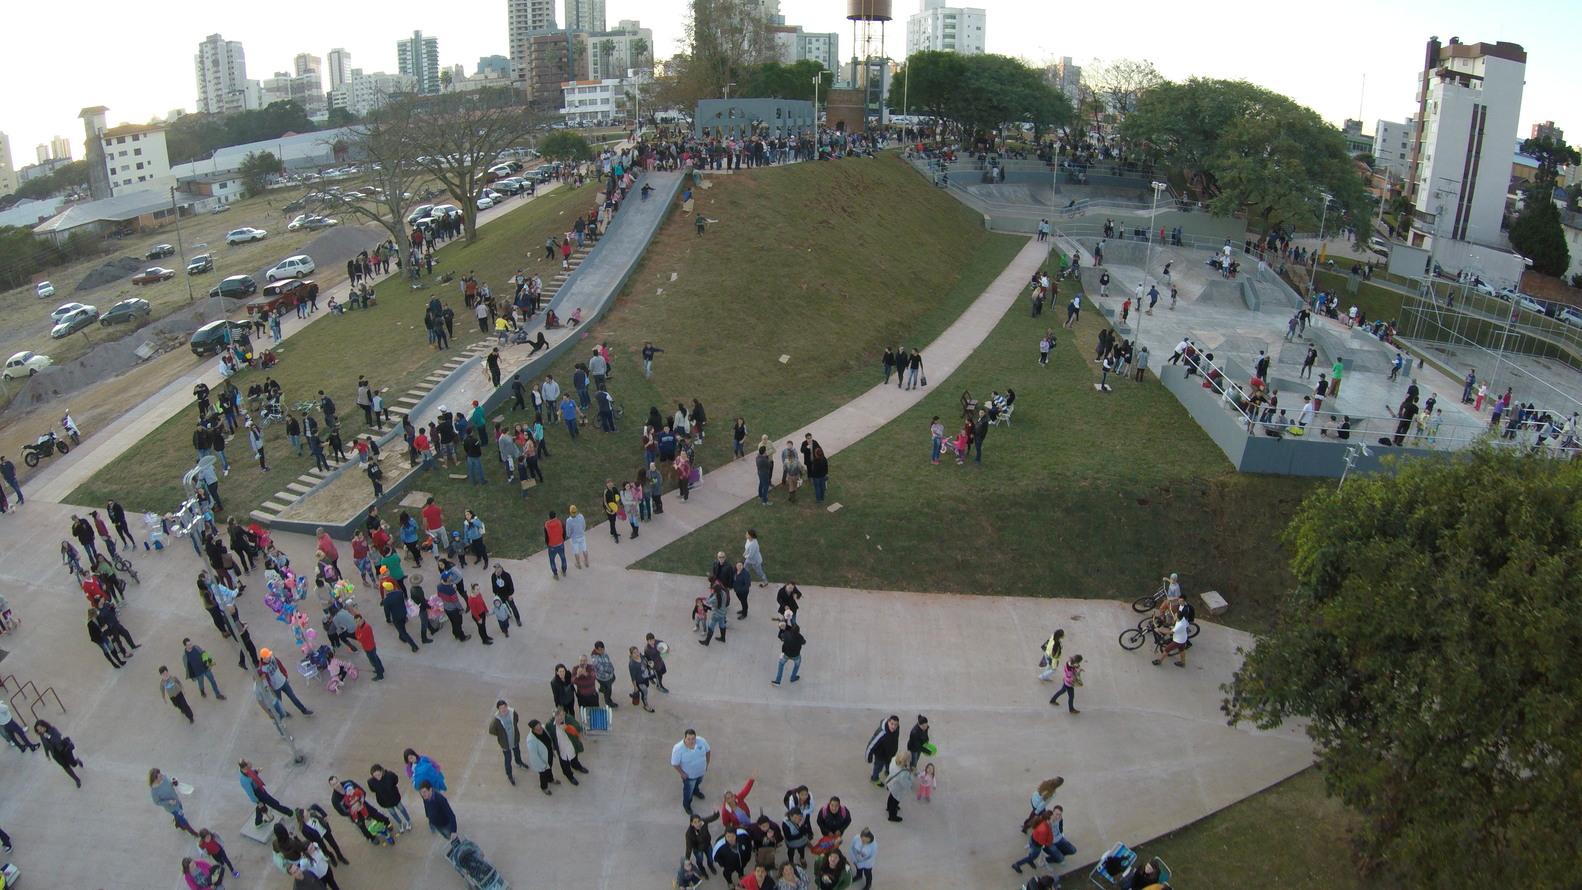 Vista do parque da Gare, com destaque para a área esportiva.